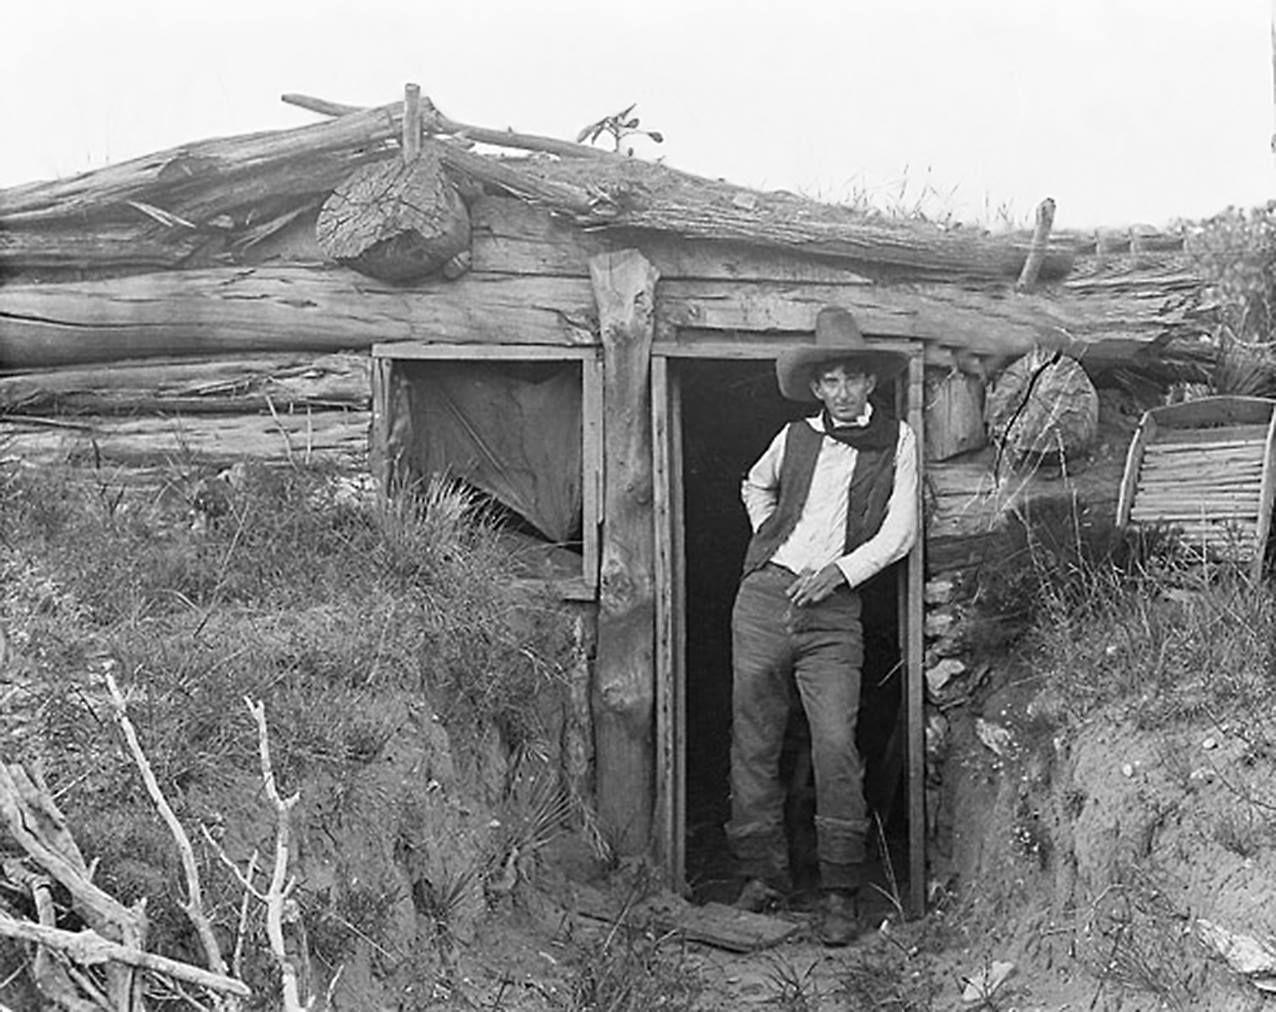 Cowboy Photographer Erwin E Smith